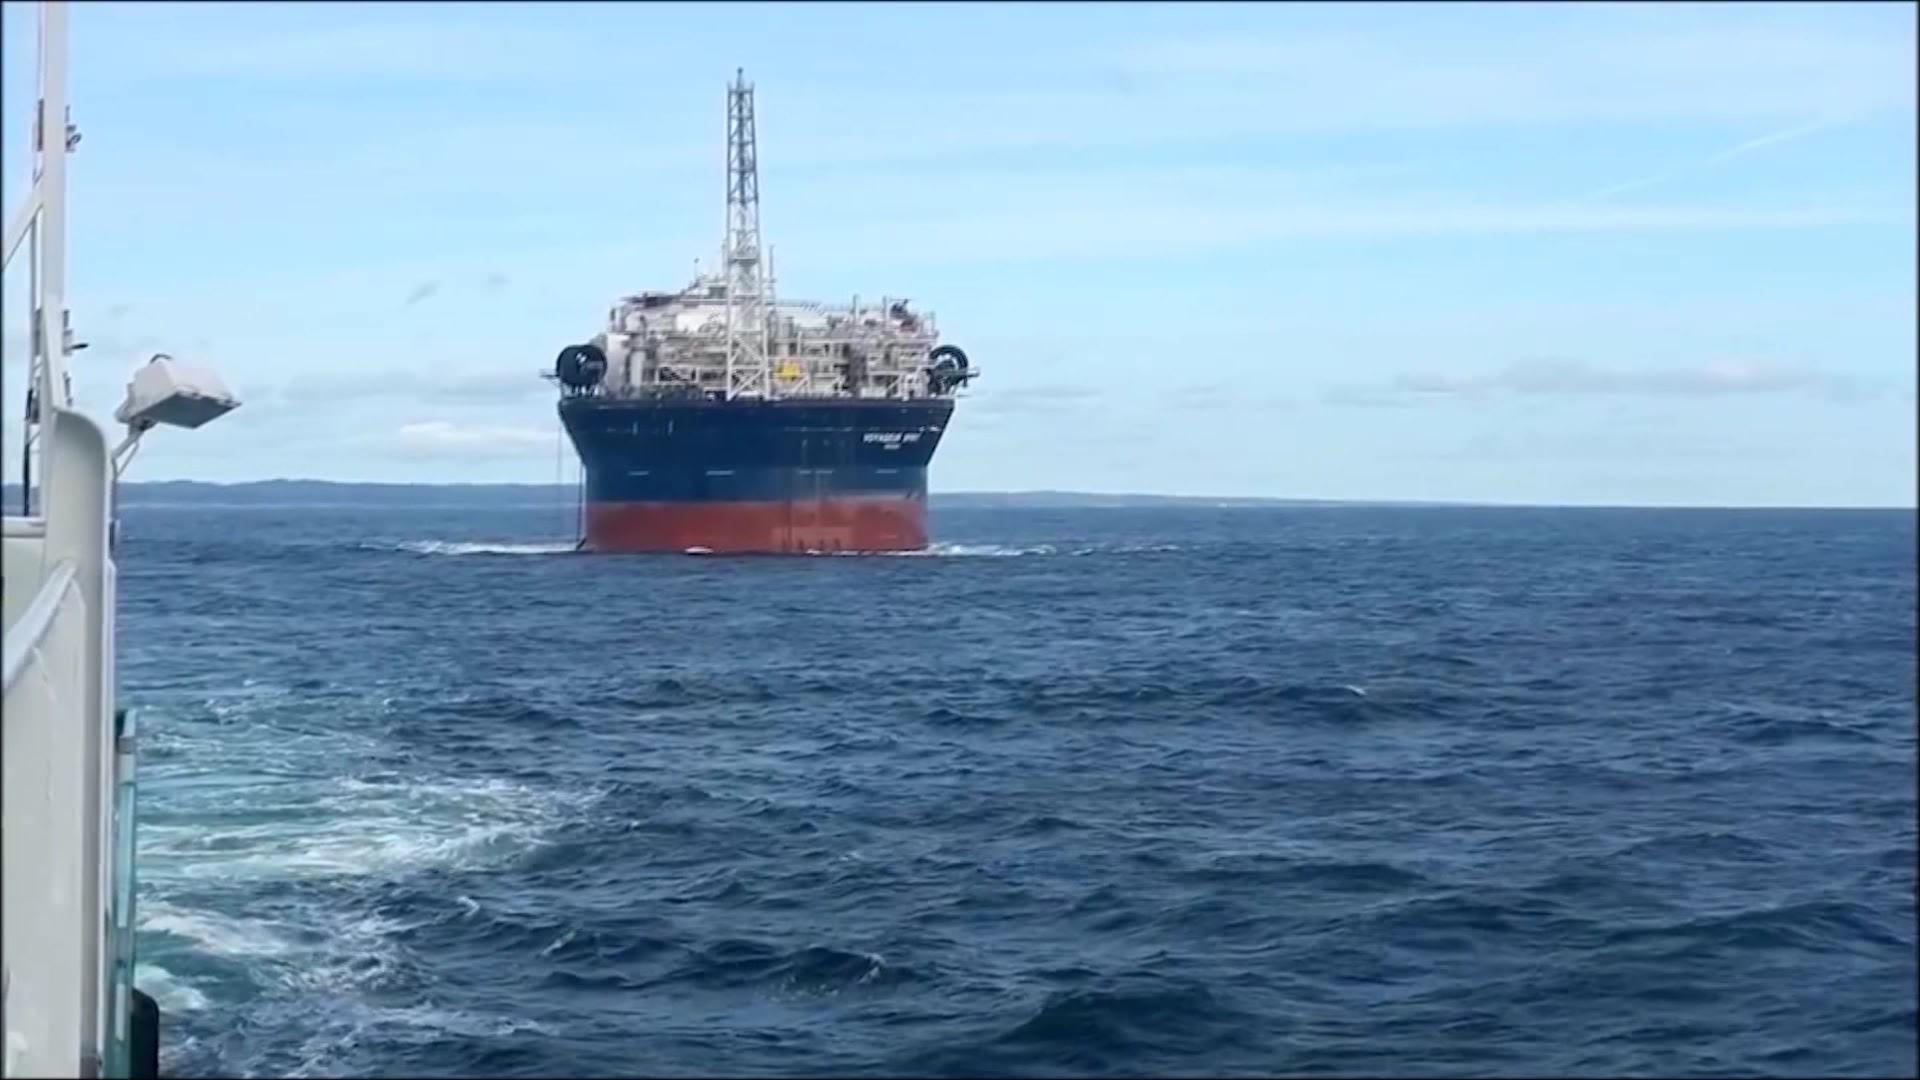 საგარეო საქმეთა სამინისტრო: ლიბიაში მყოფი ქართველი მეზღვაურები სამშობლოში მალე დაბრუნდებიან